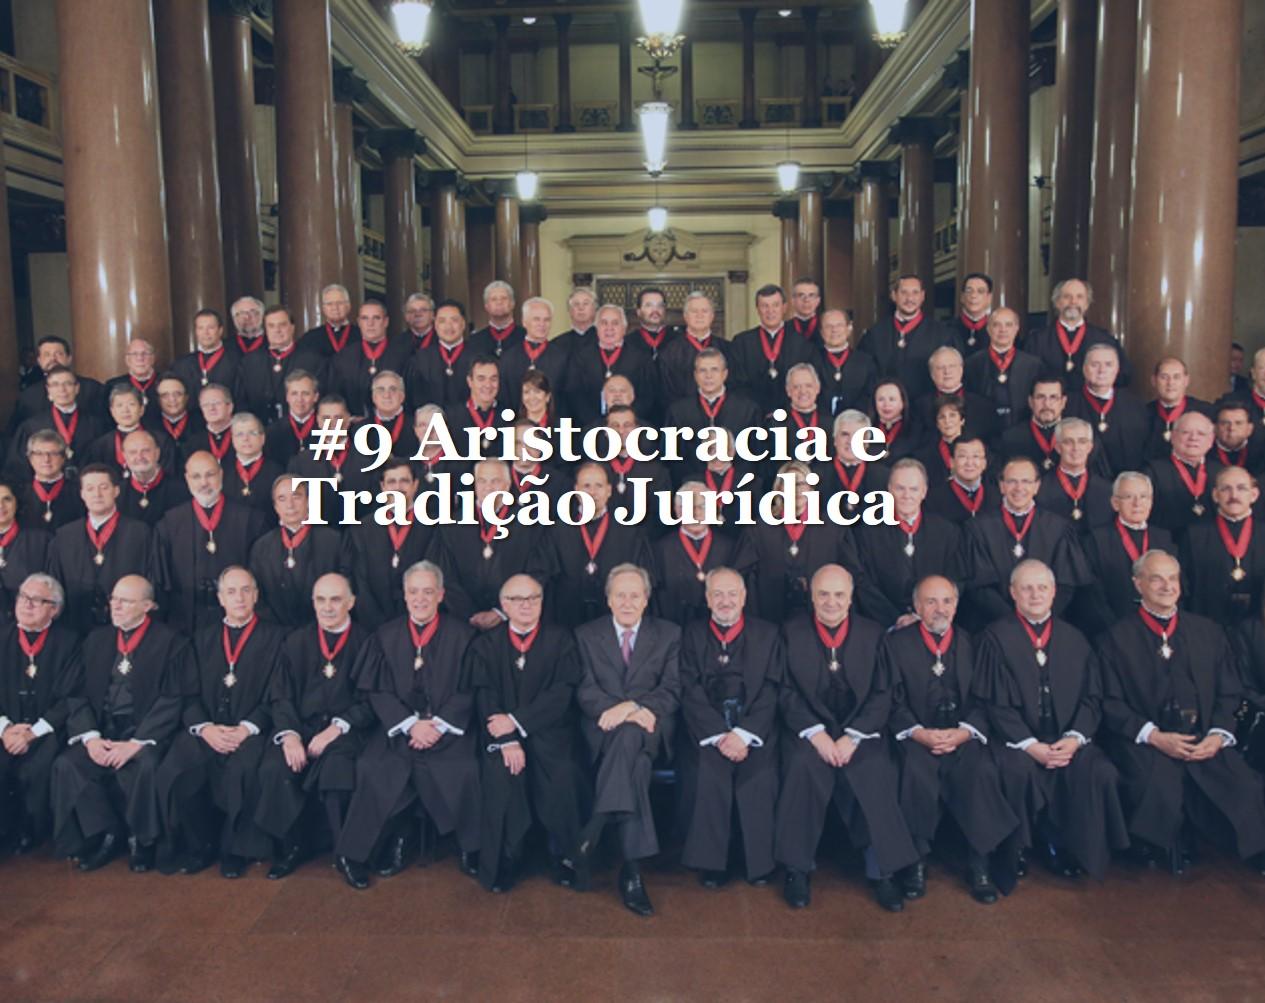 #9 Aristocracia e Tradição Jurídica